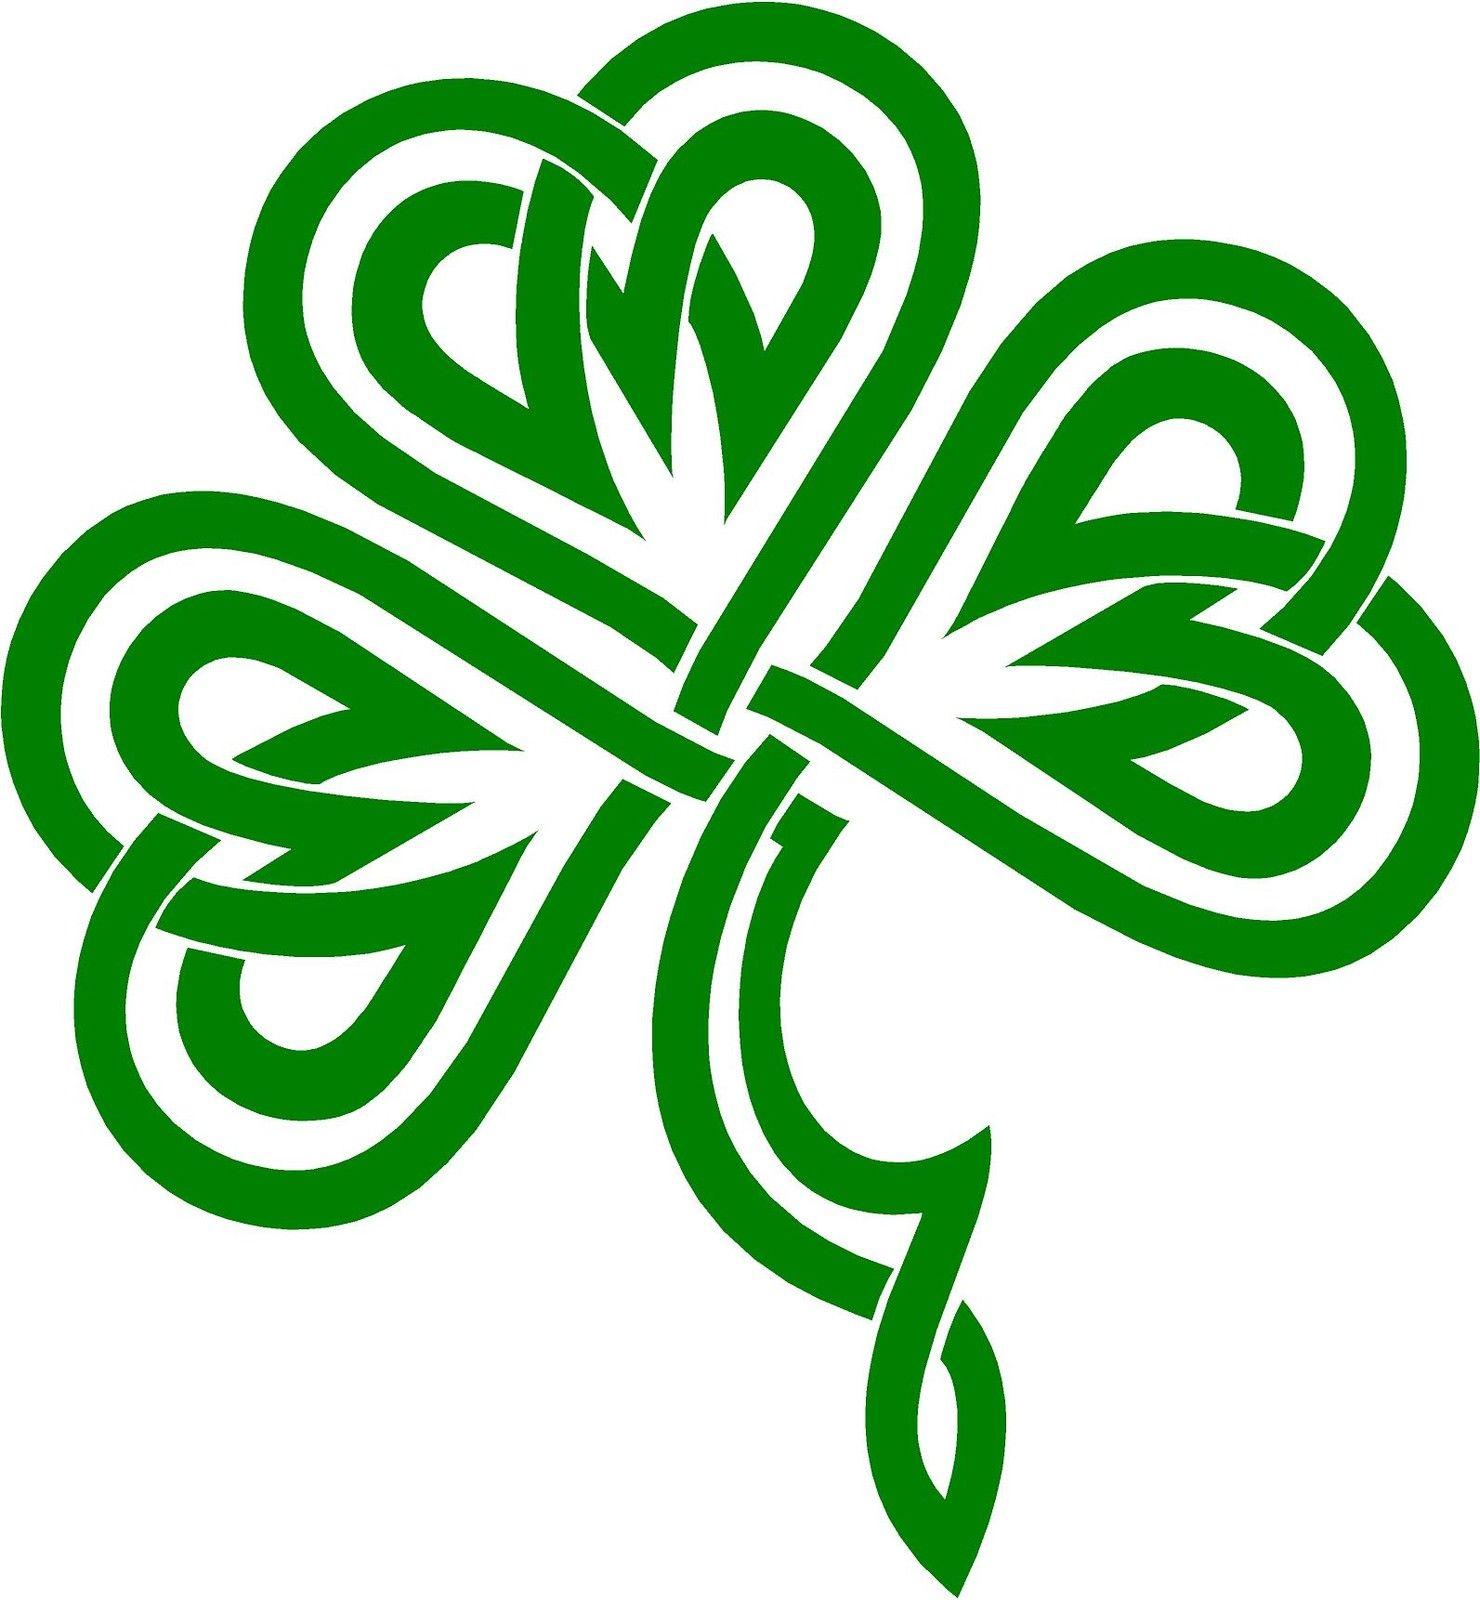 Color Celtic Knot Clipart - Clipart Suggest